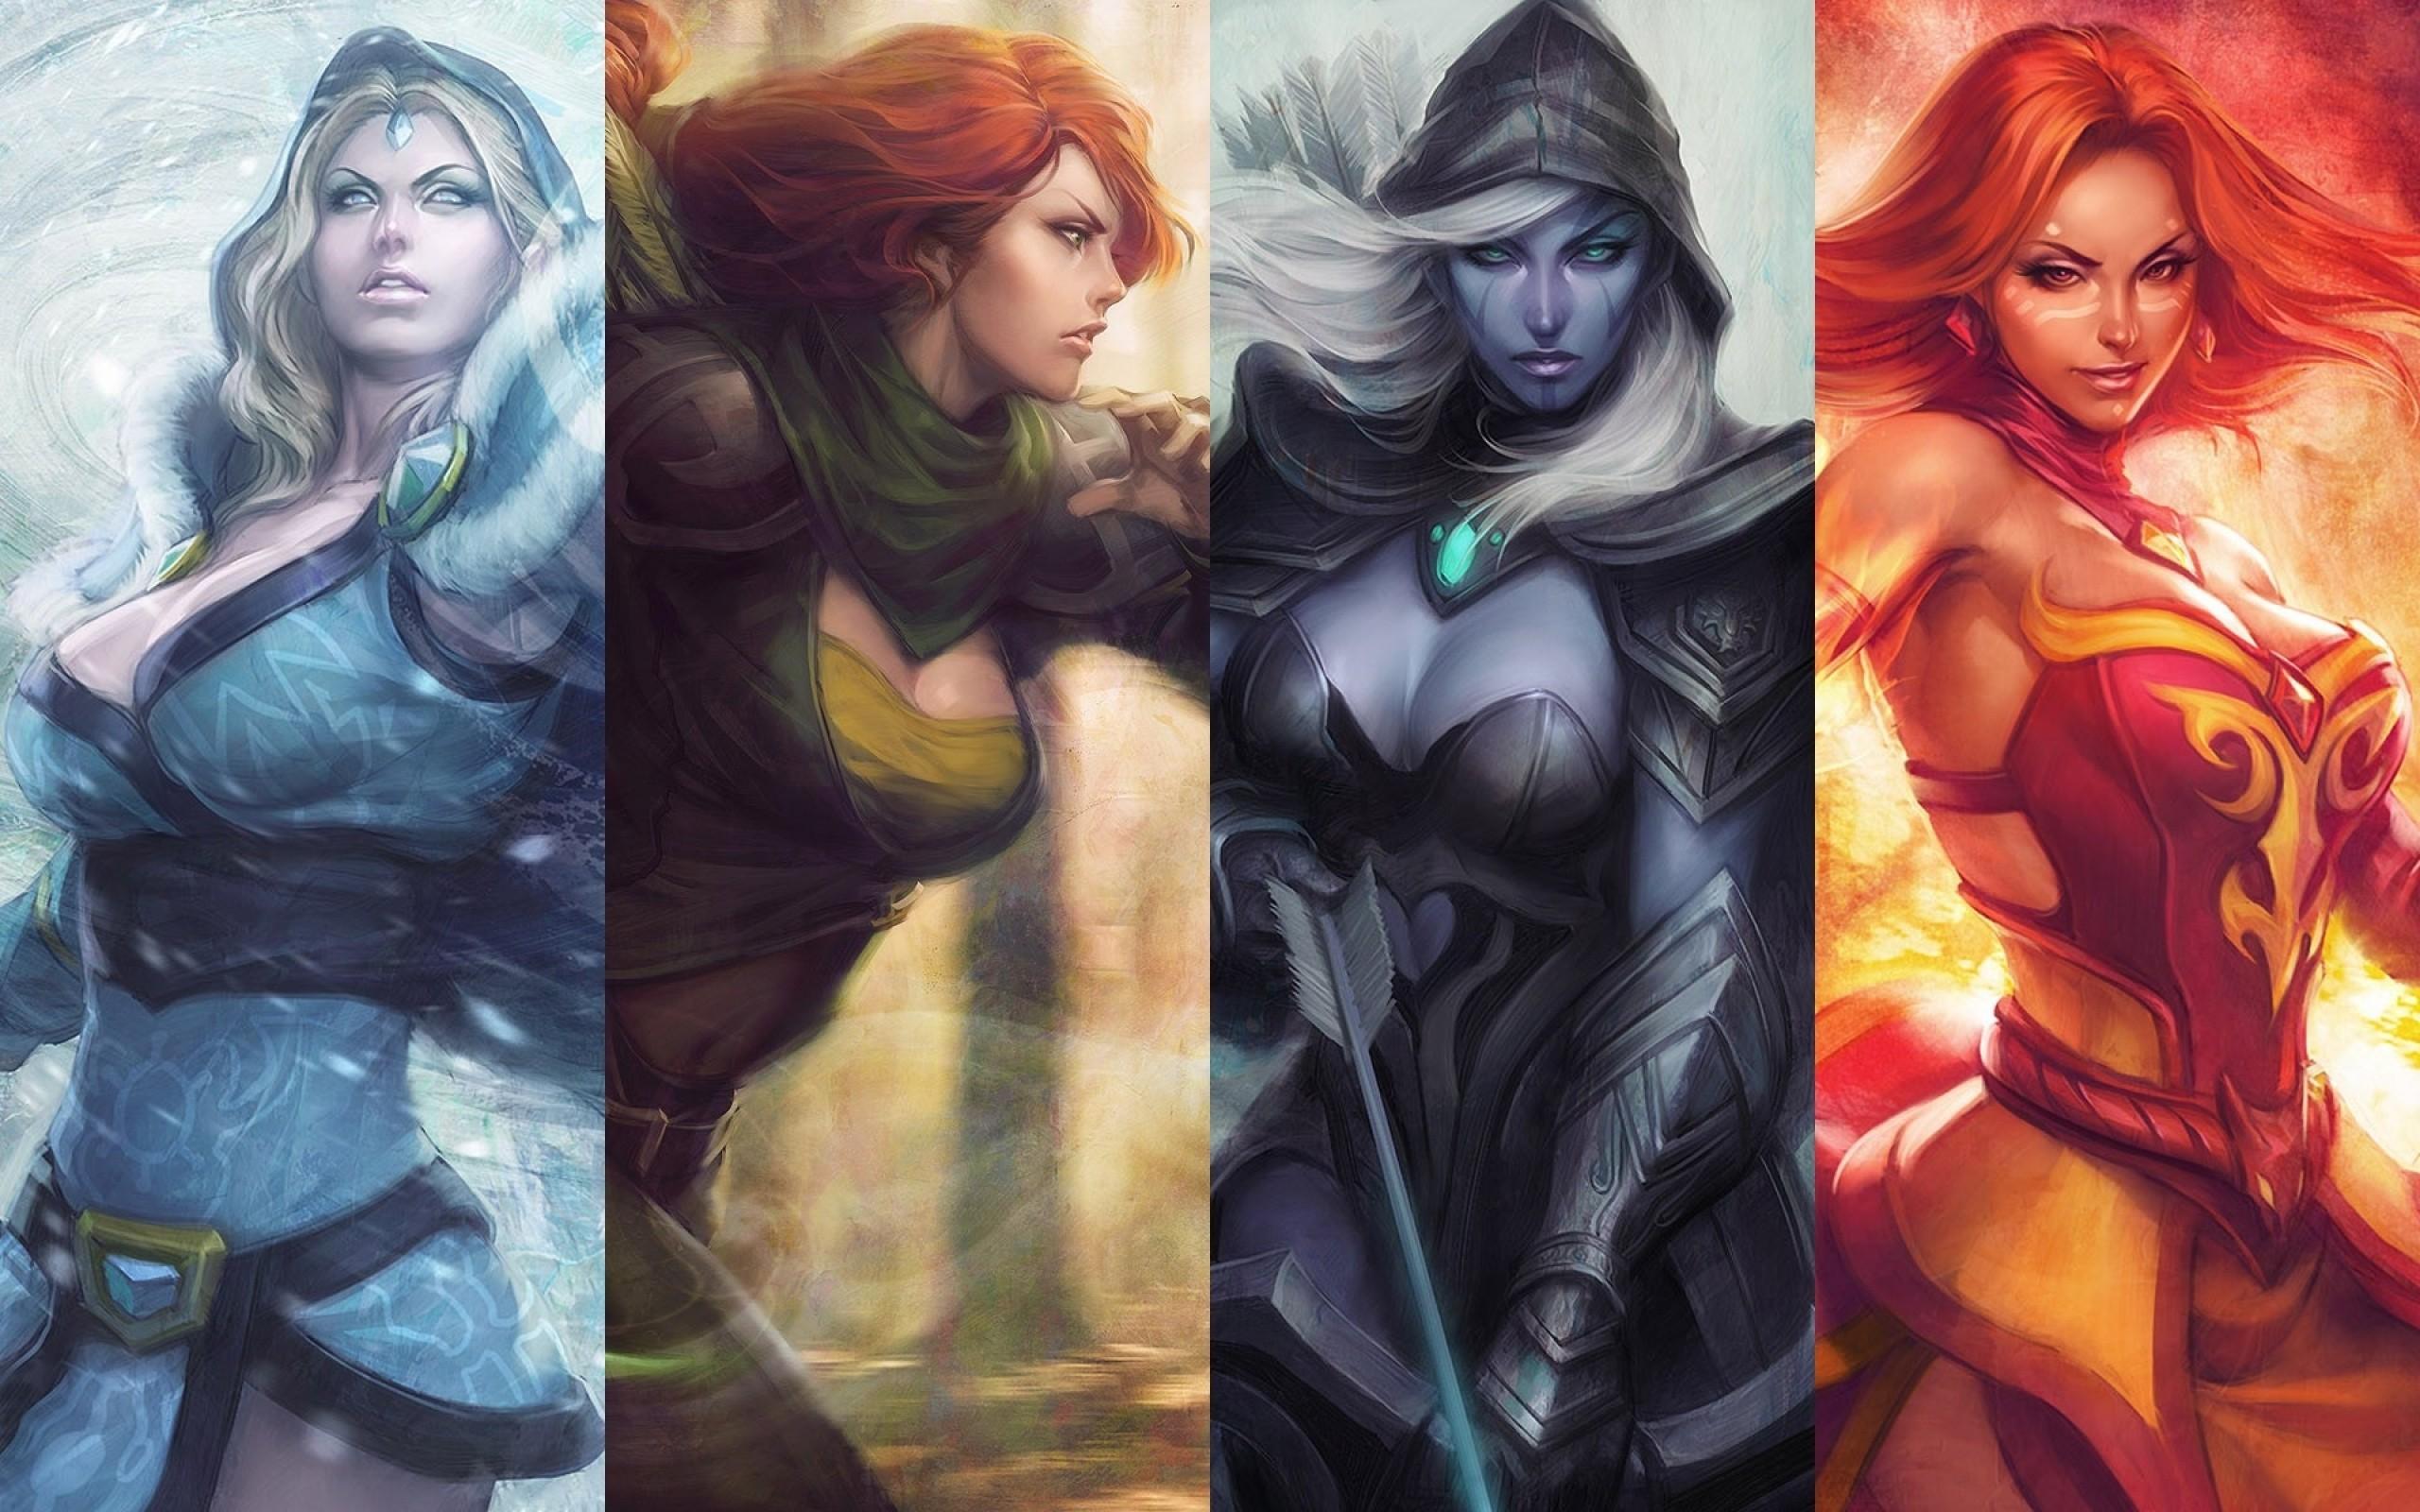 Wallpaper Dota 2 Lina Windrunner Drow Ranger Crystal Maiden